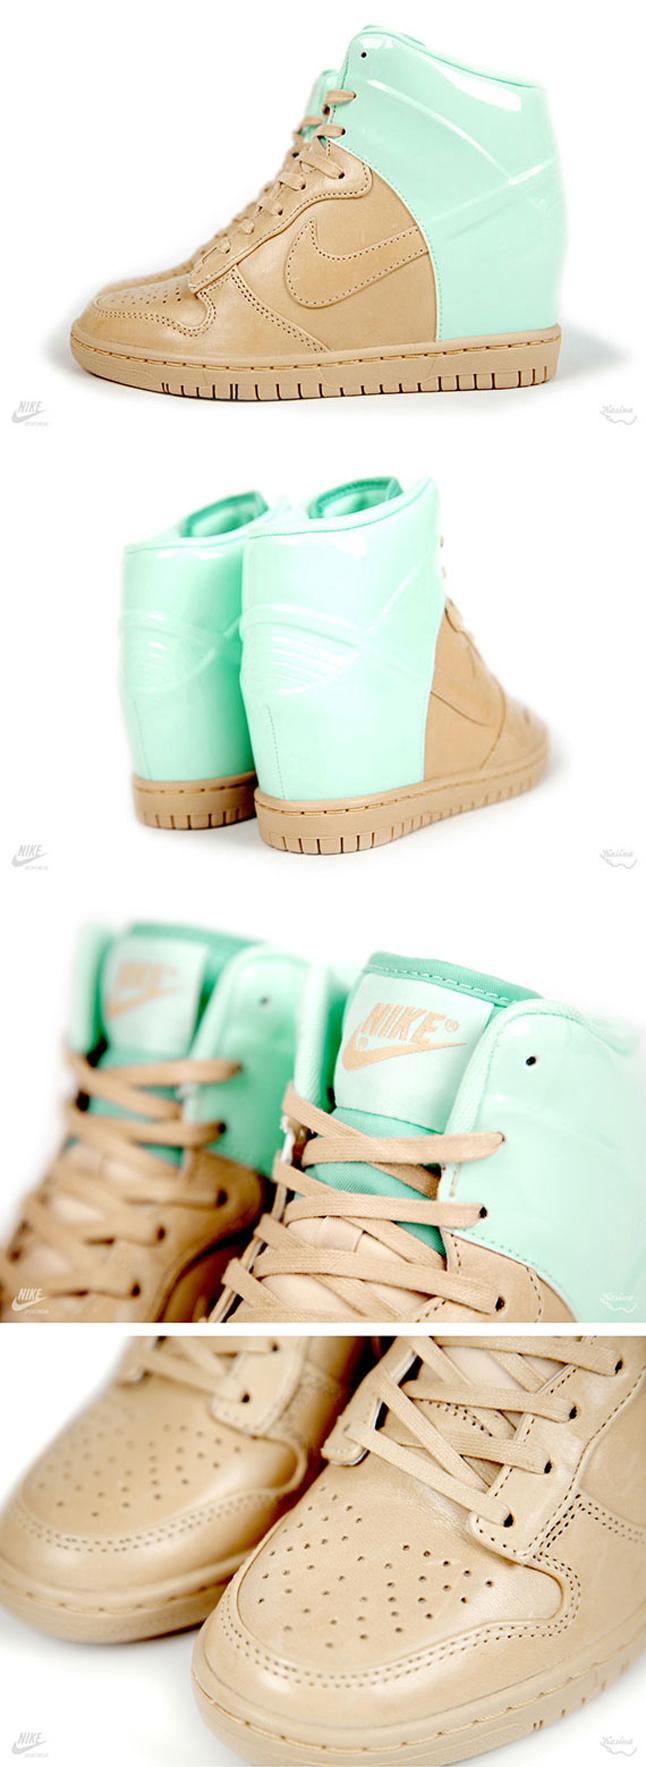 Nike Air Max 1 Vachetta 07